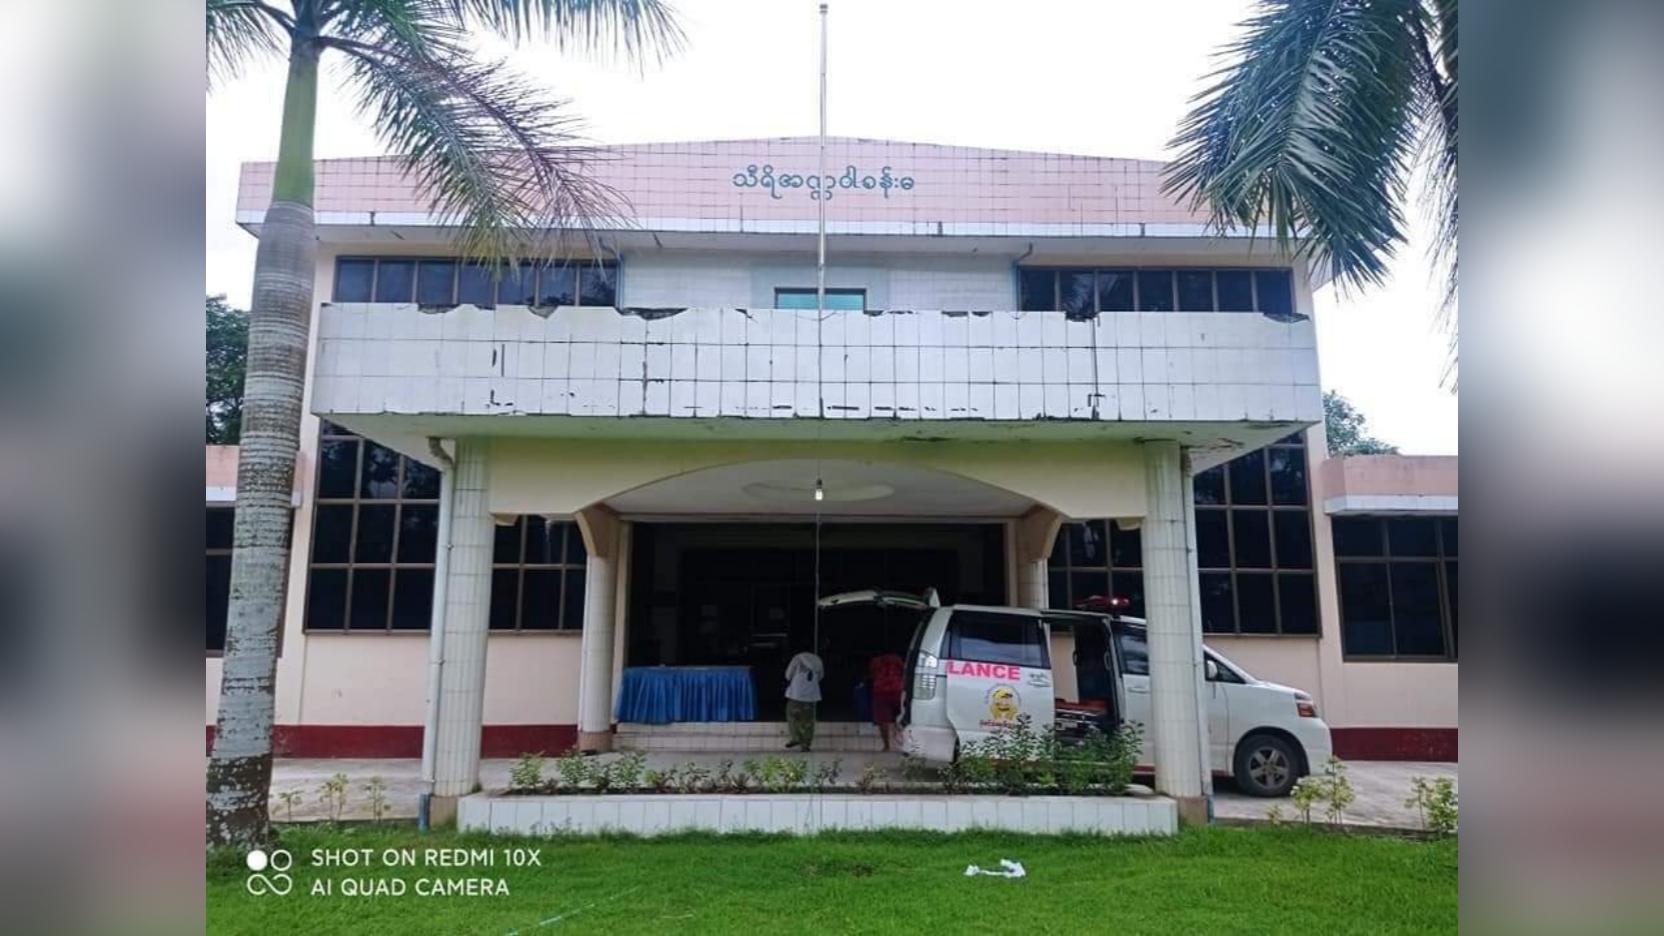 ဖျာပုံမြို့မှာ ကိုဗစ်အတည်ပြုလူနာ (၈)ဦး တွေ့ရှိပြီး အတည်ပြုလူနာ (၂)ဦးသေဆုံး